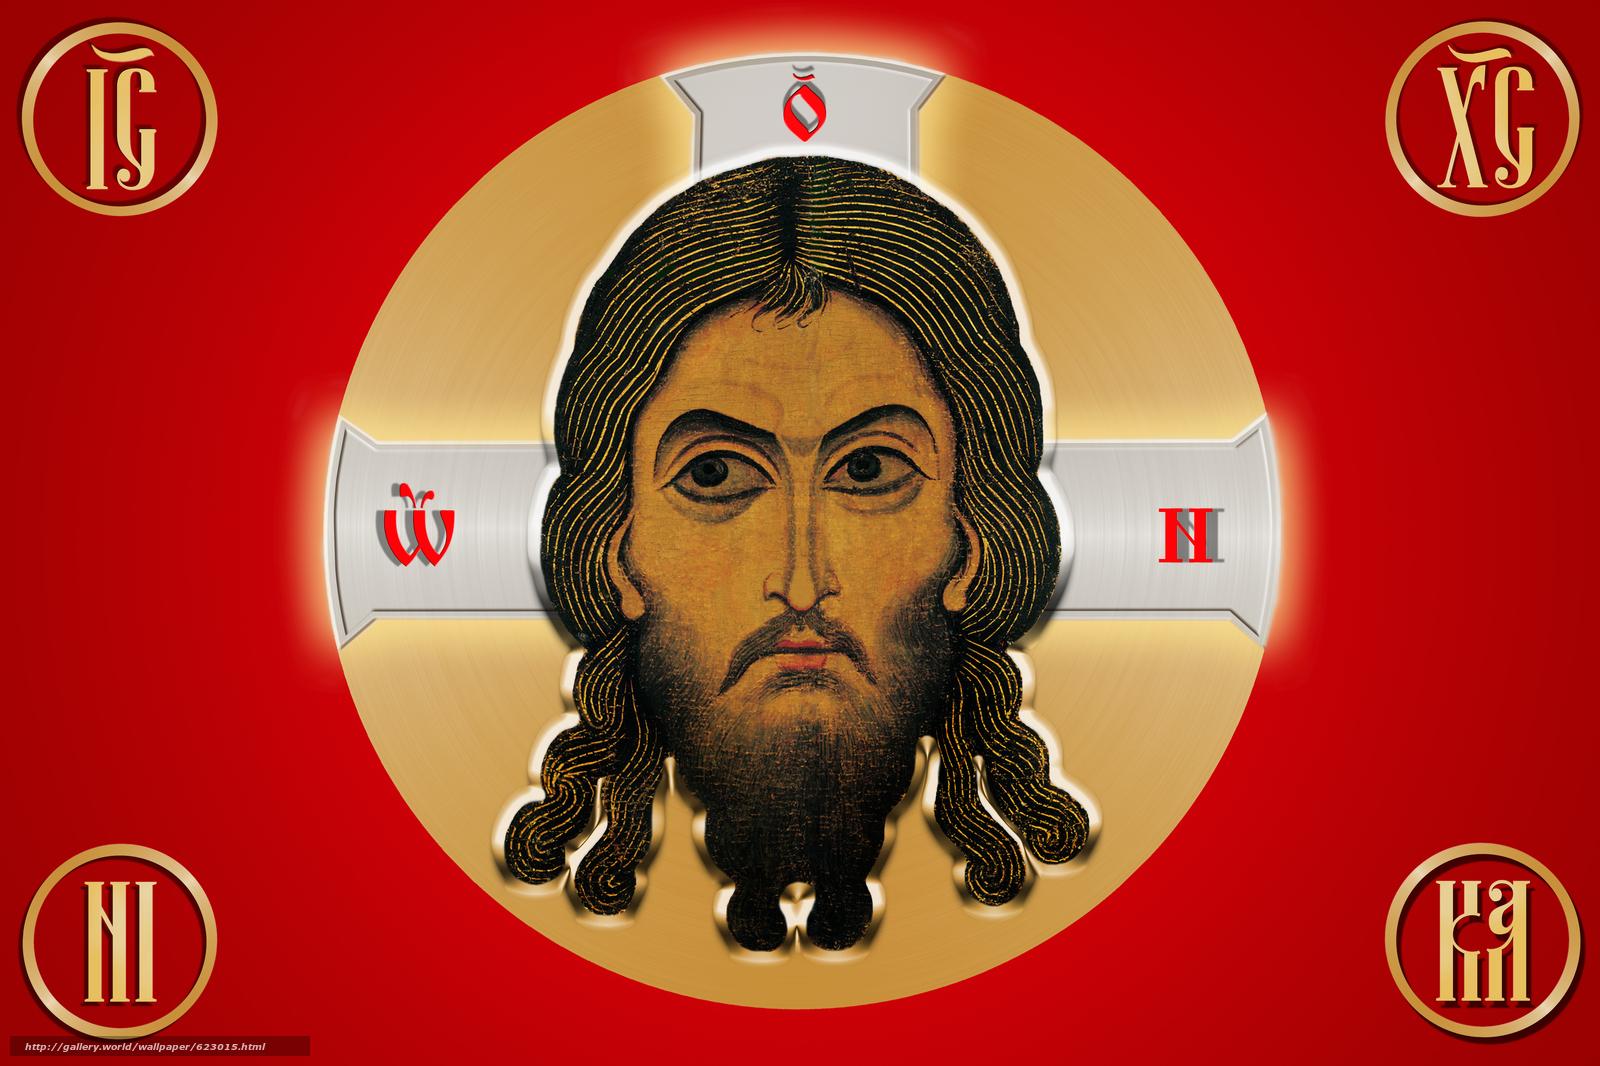 Скачать на телефон обои фото картинку на тему флаг, Россия, Иисус Христос, религия, вера, лик, христианство, разширение 5200x3465